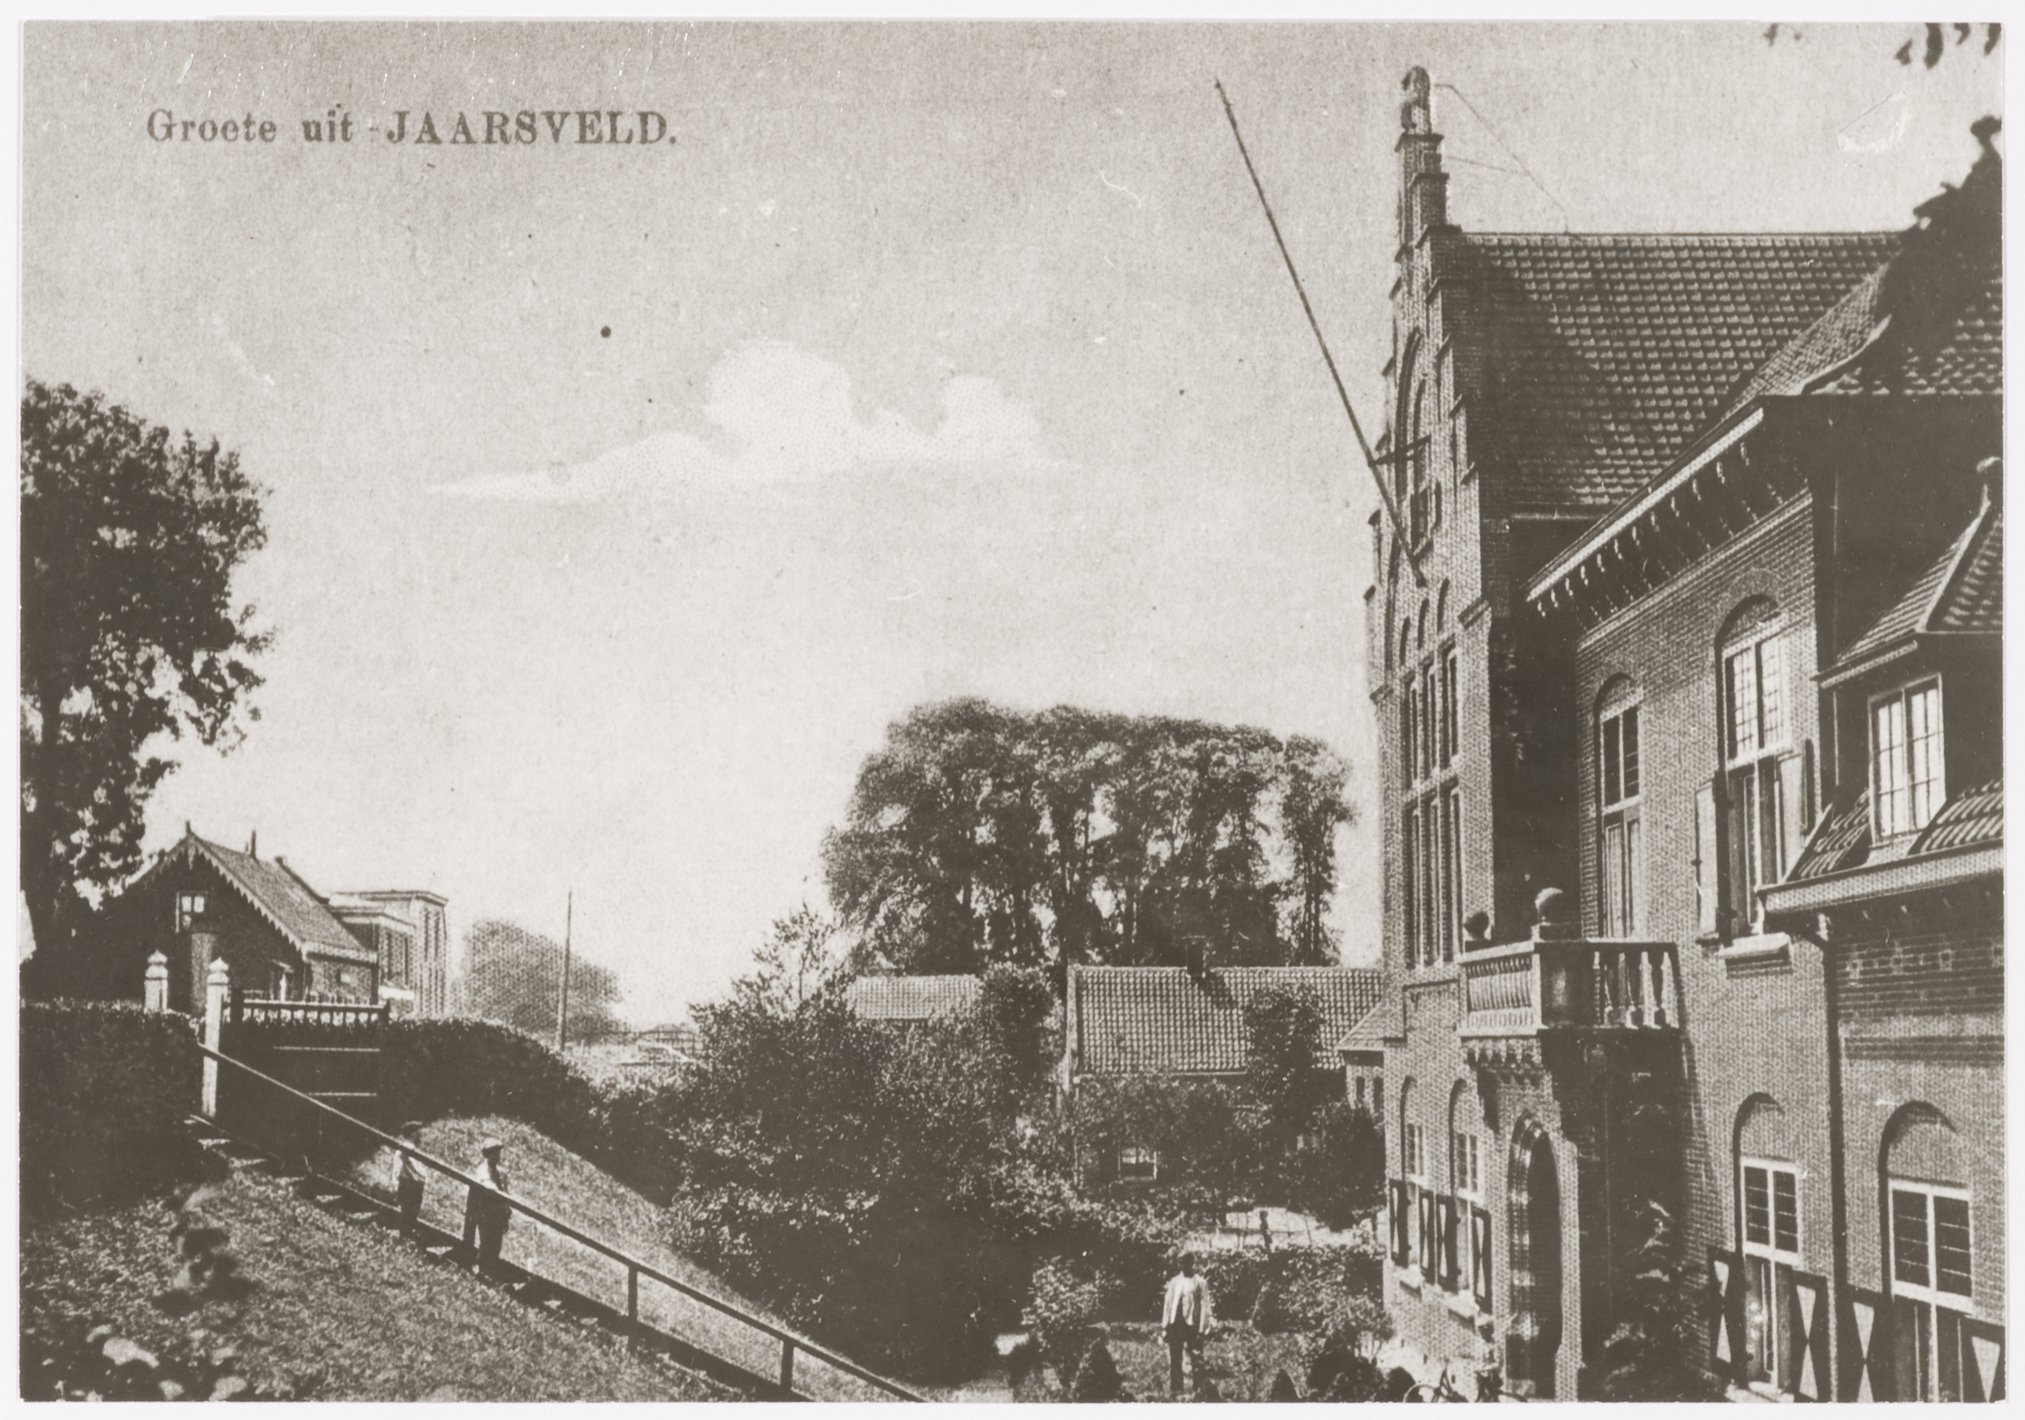 l0864 dijkhuis jaarsveld circa 1920